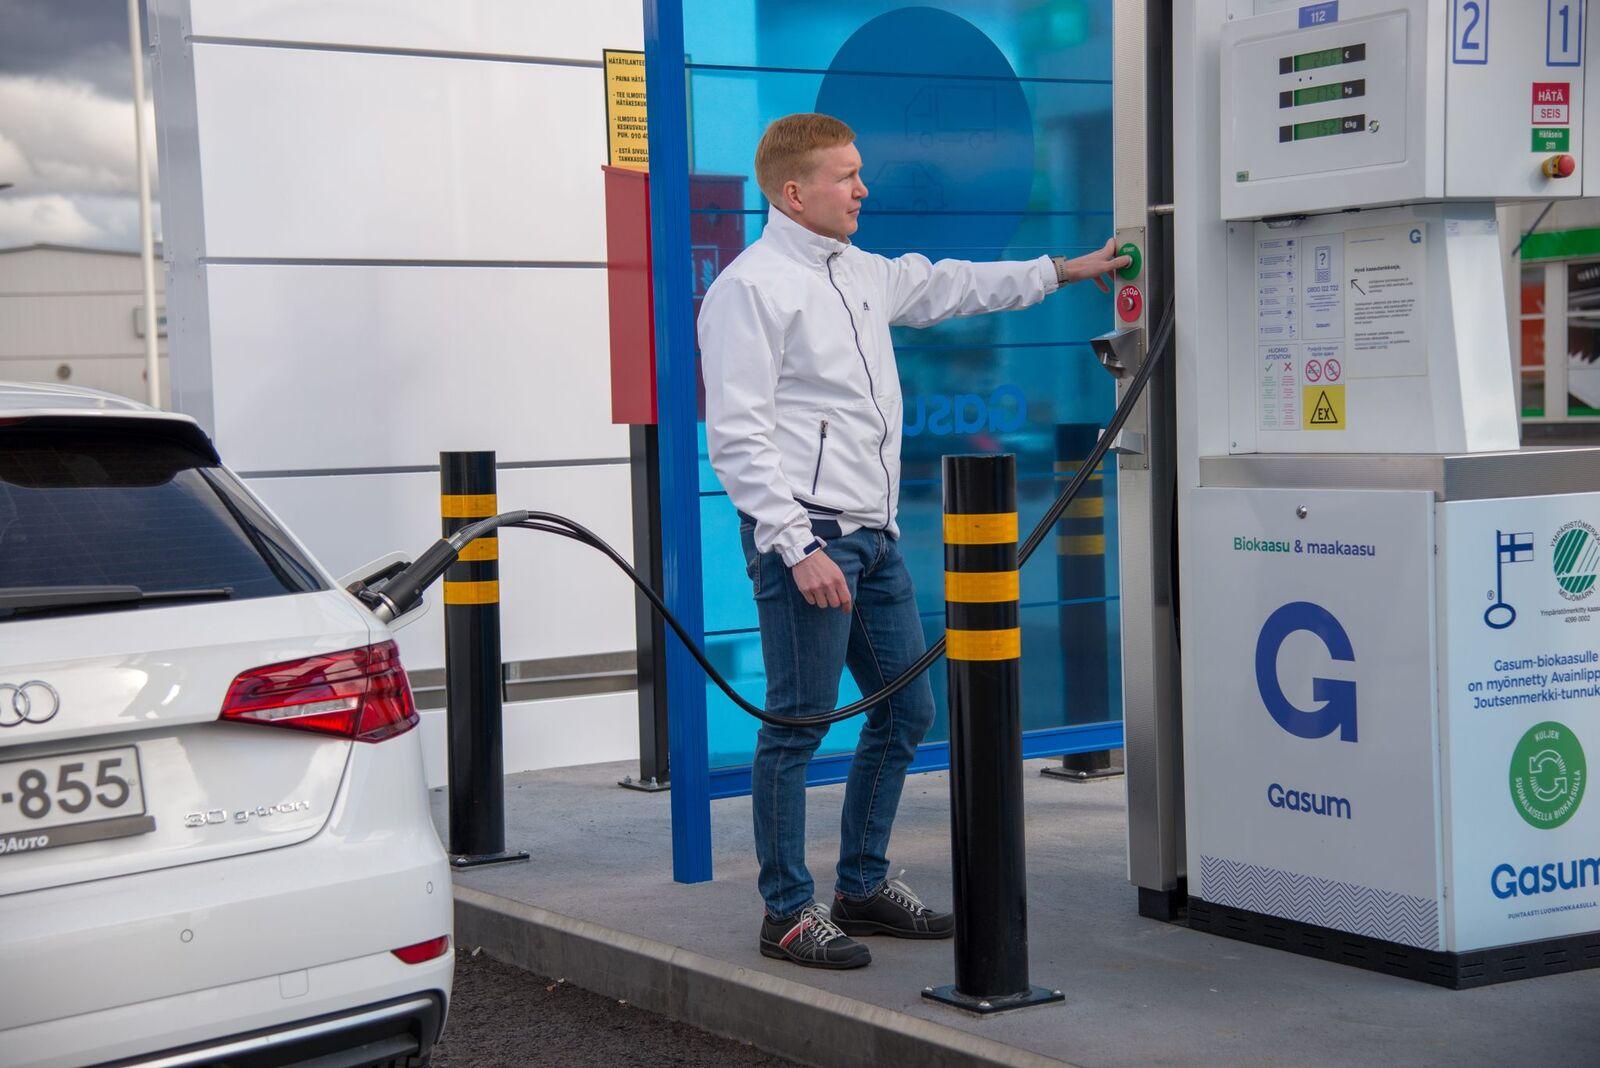 Onko kaasuauto ladattavaa hybridiä järkevämpi? Aapo vertaili ja päätyi kaasukäyttöiseen Audiin